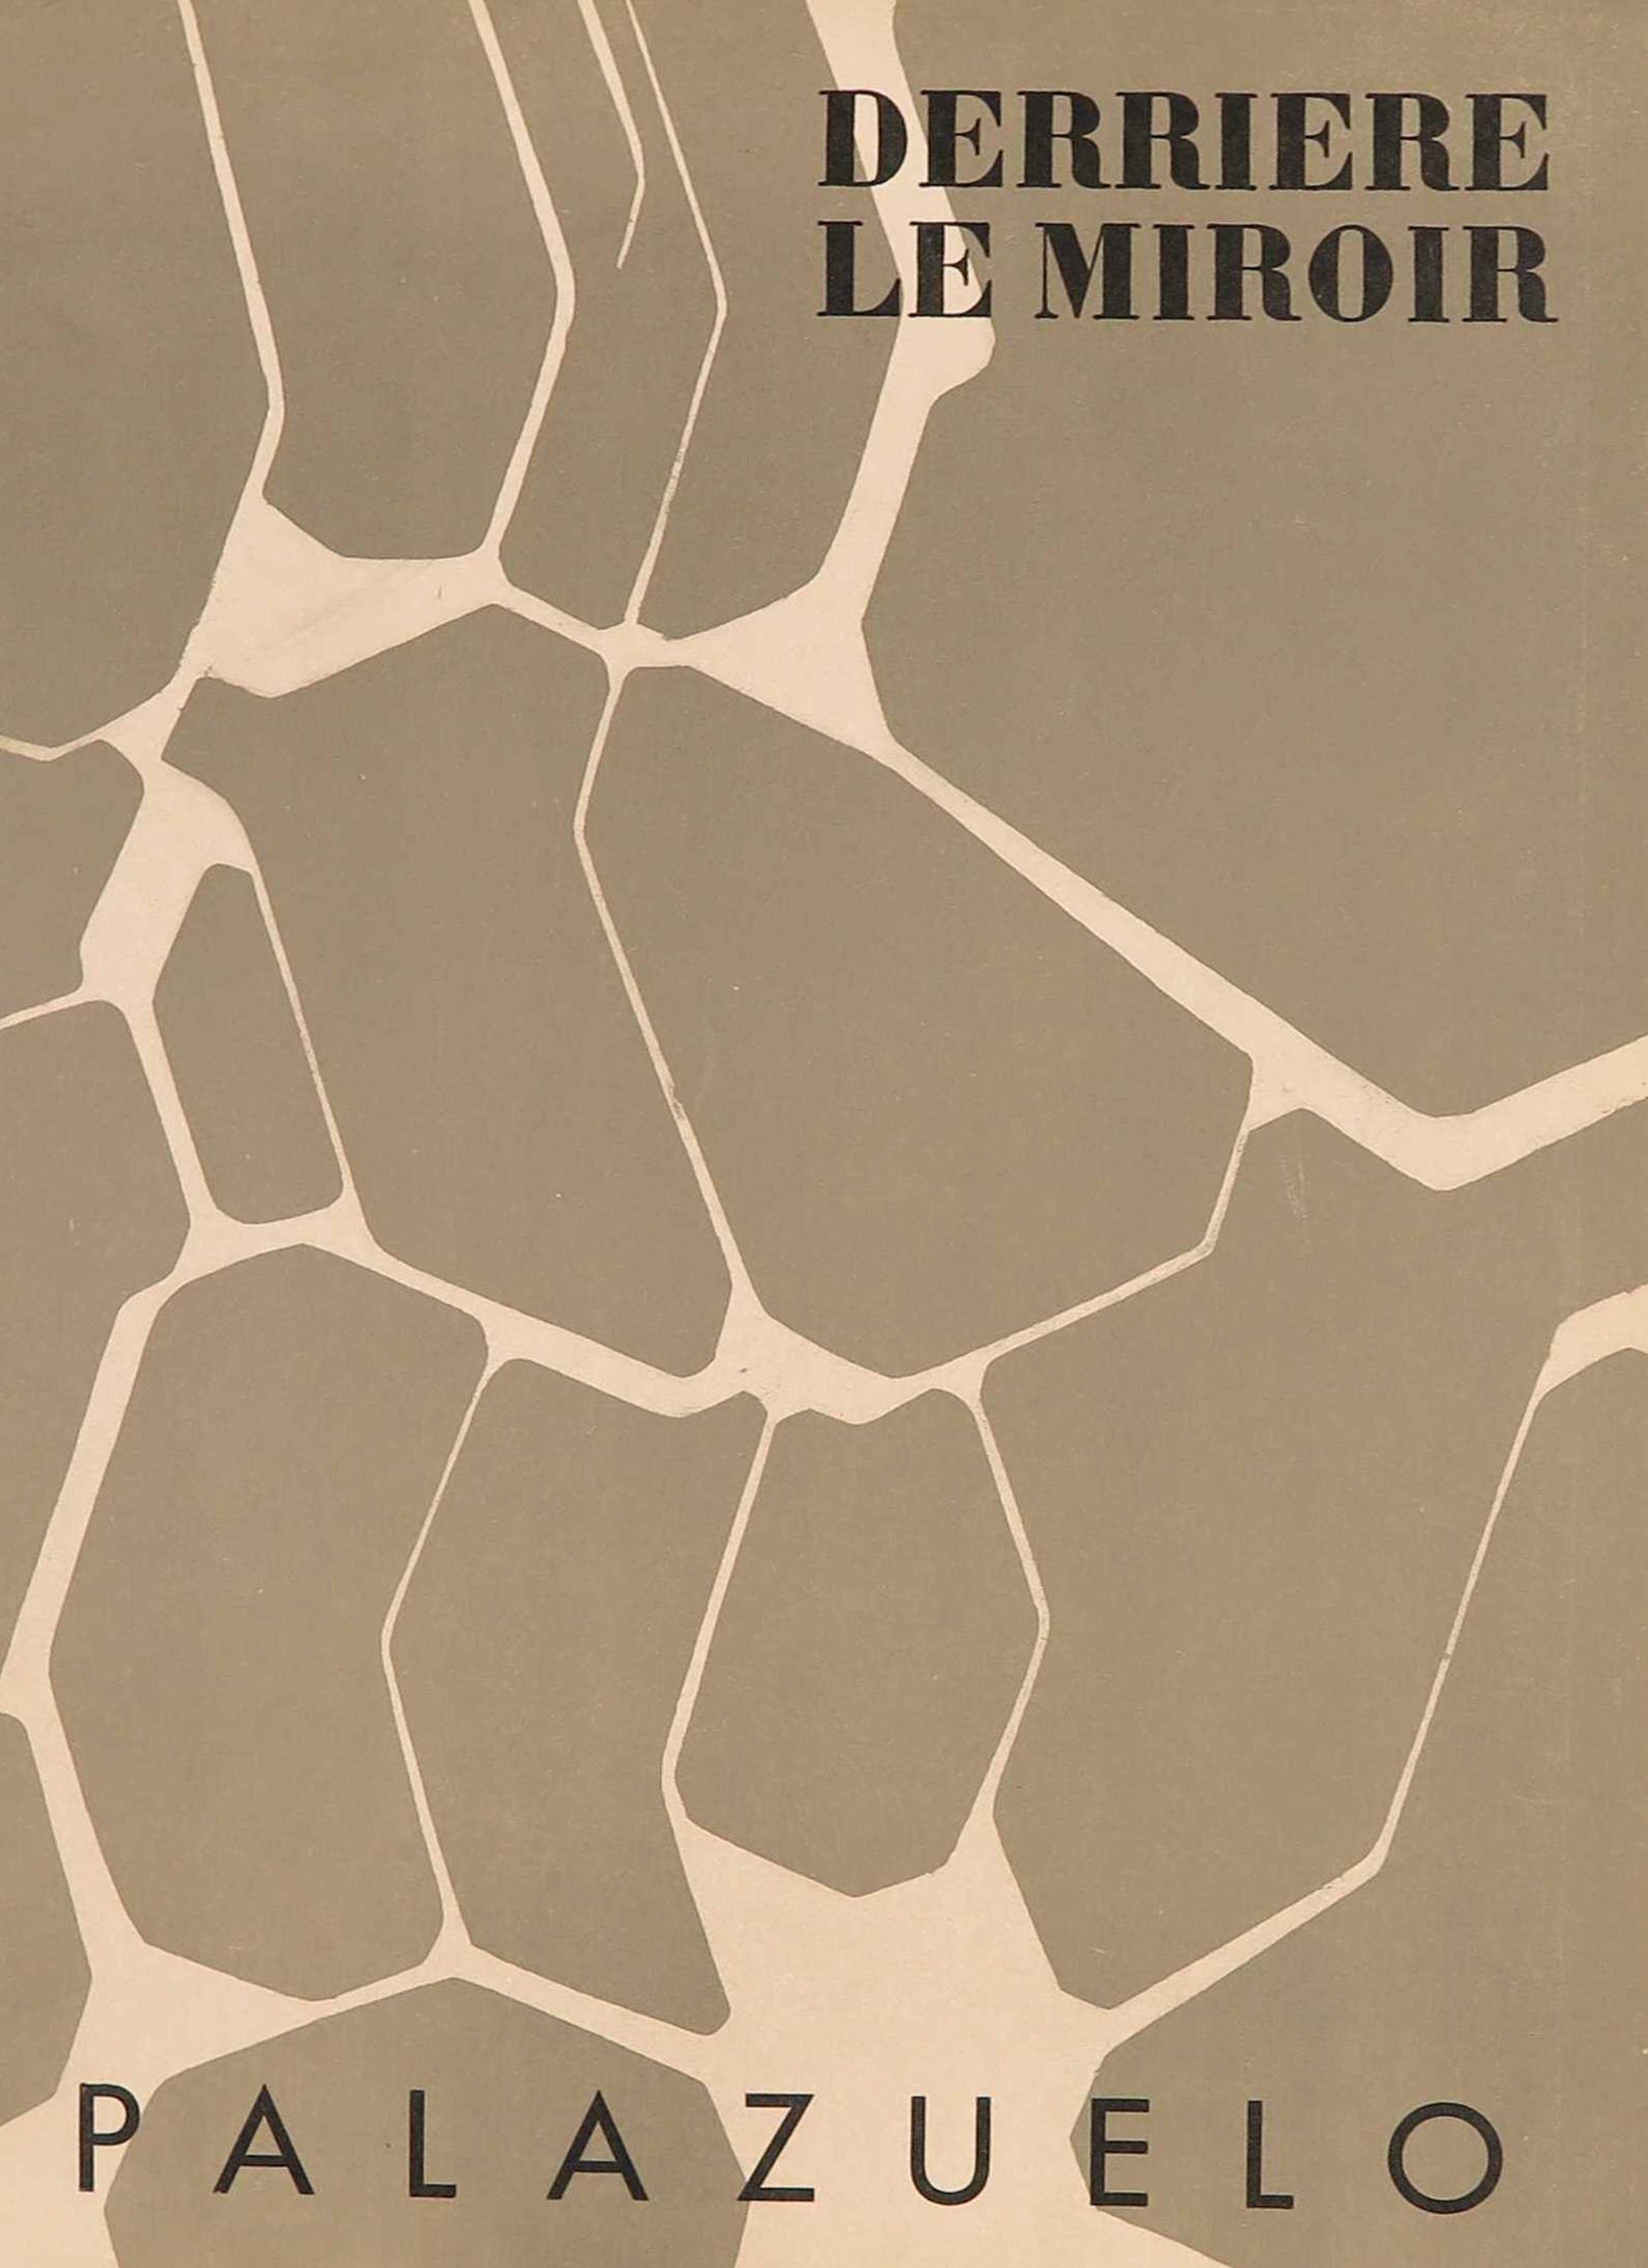 Pablo Palazuelo - Uitgave Derrière le miroir met originele litho, no. 104 (1958) kopen? Bied vanaf 20!